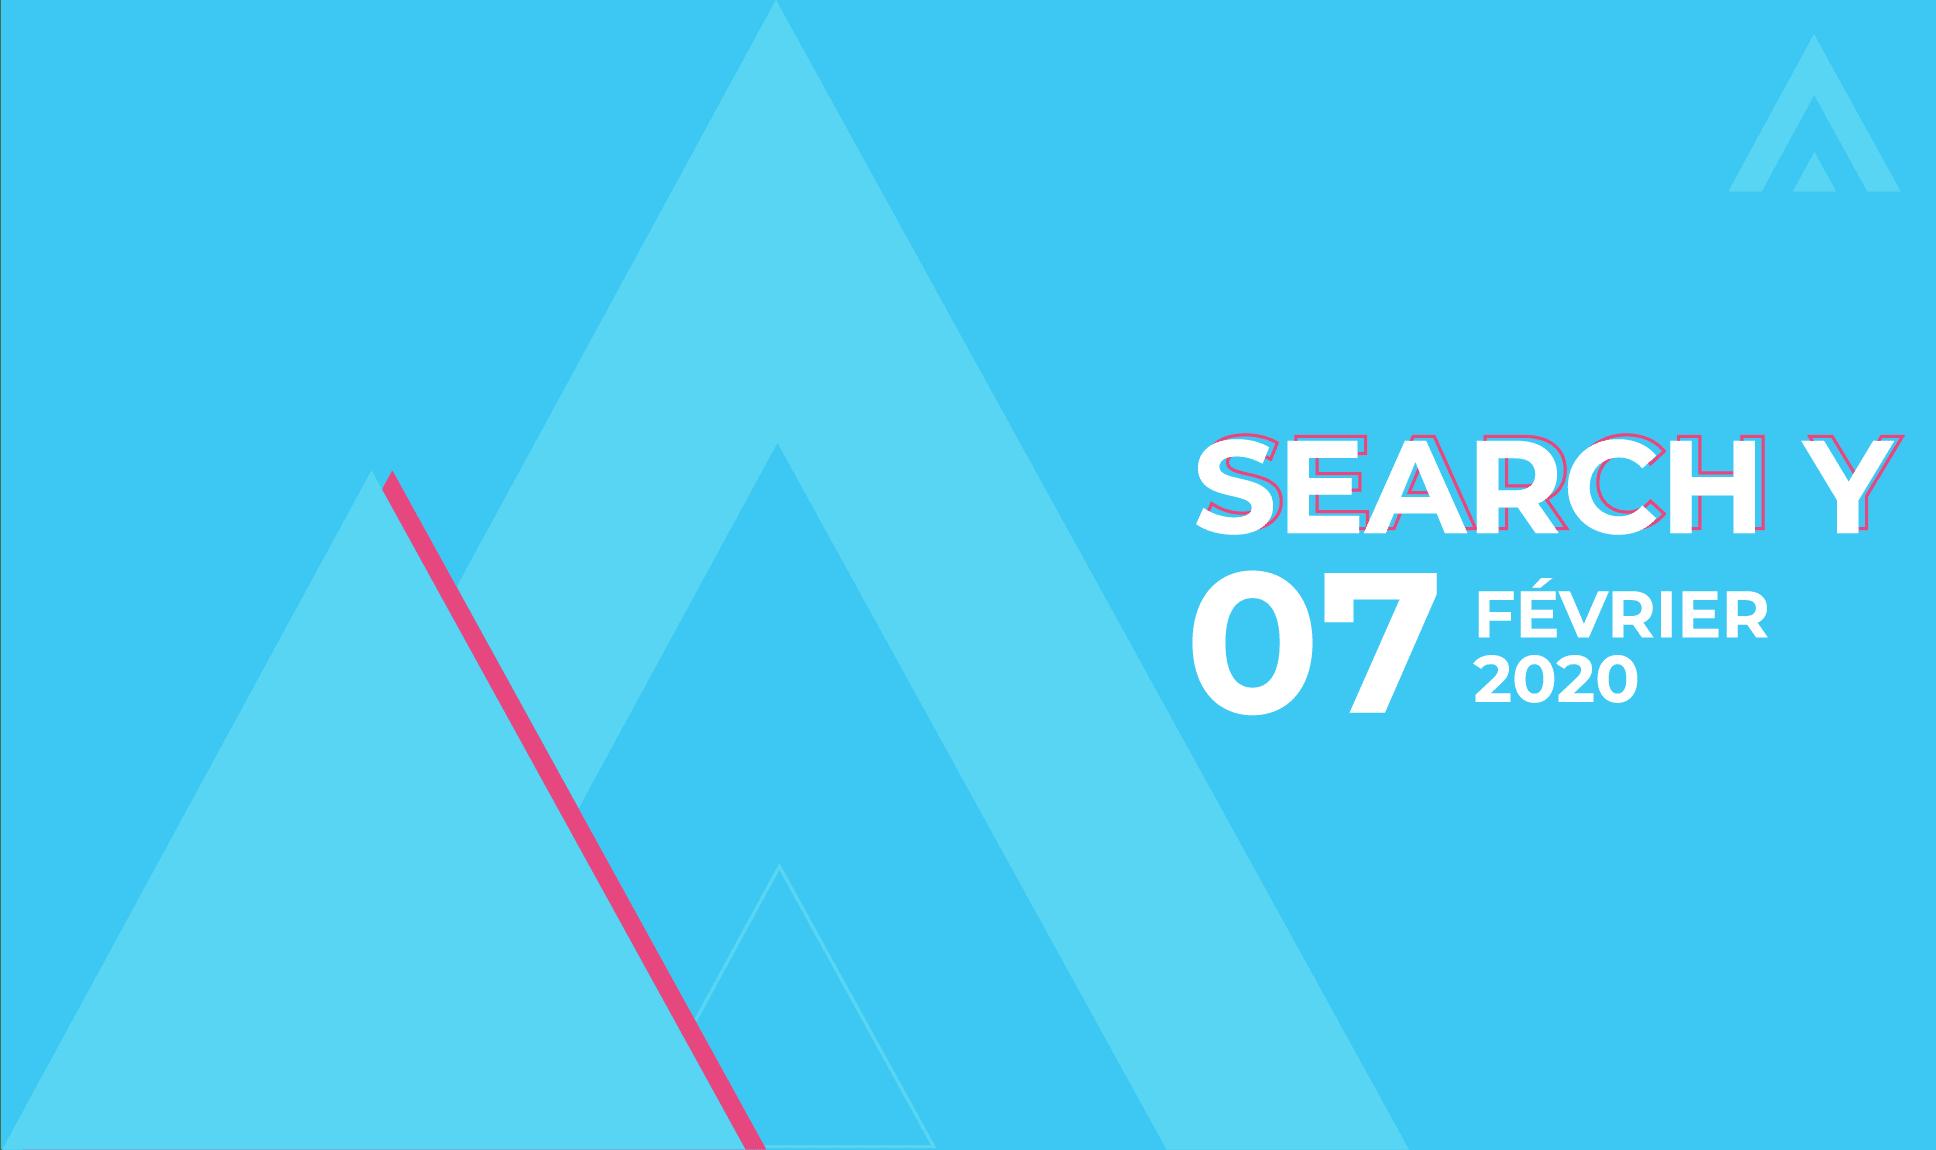 SEO Search Y Paris : notre conférence Content Marketing /SEO